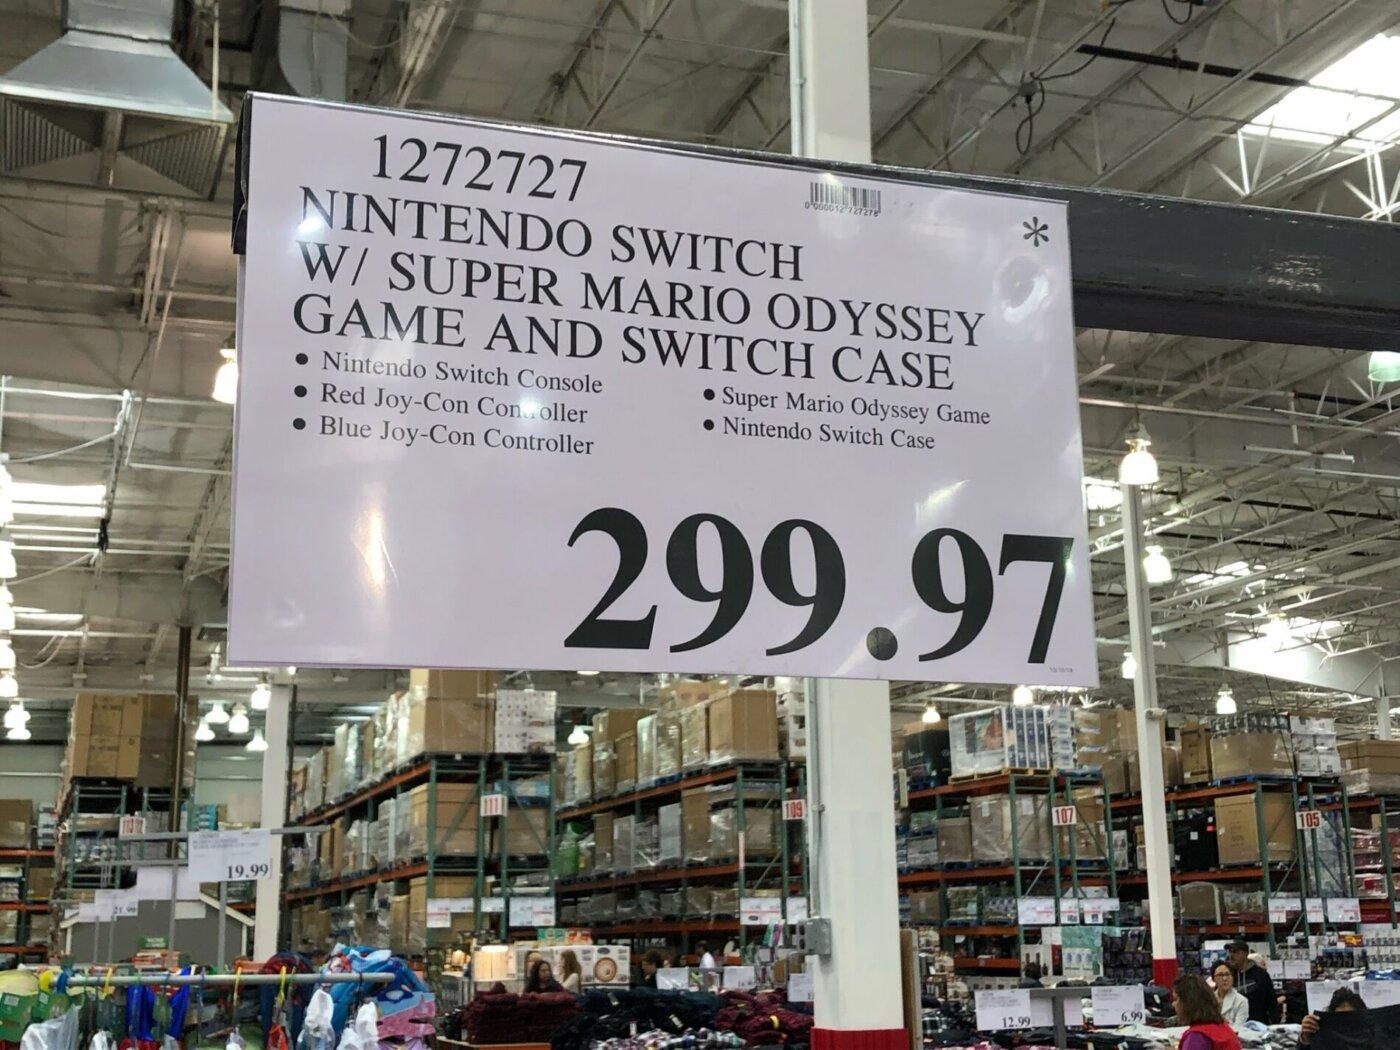 NintendoSwitch-1272727